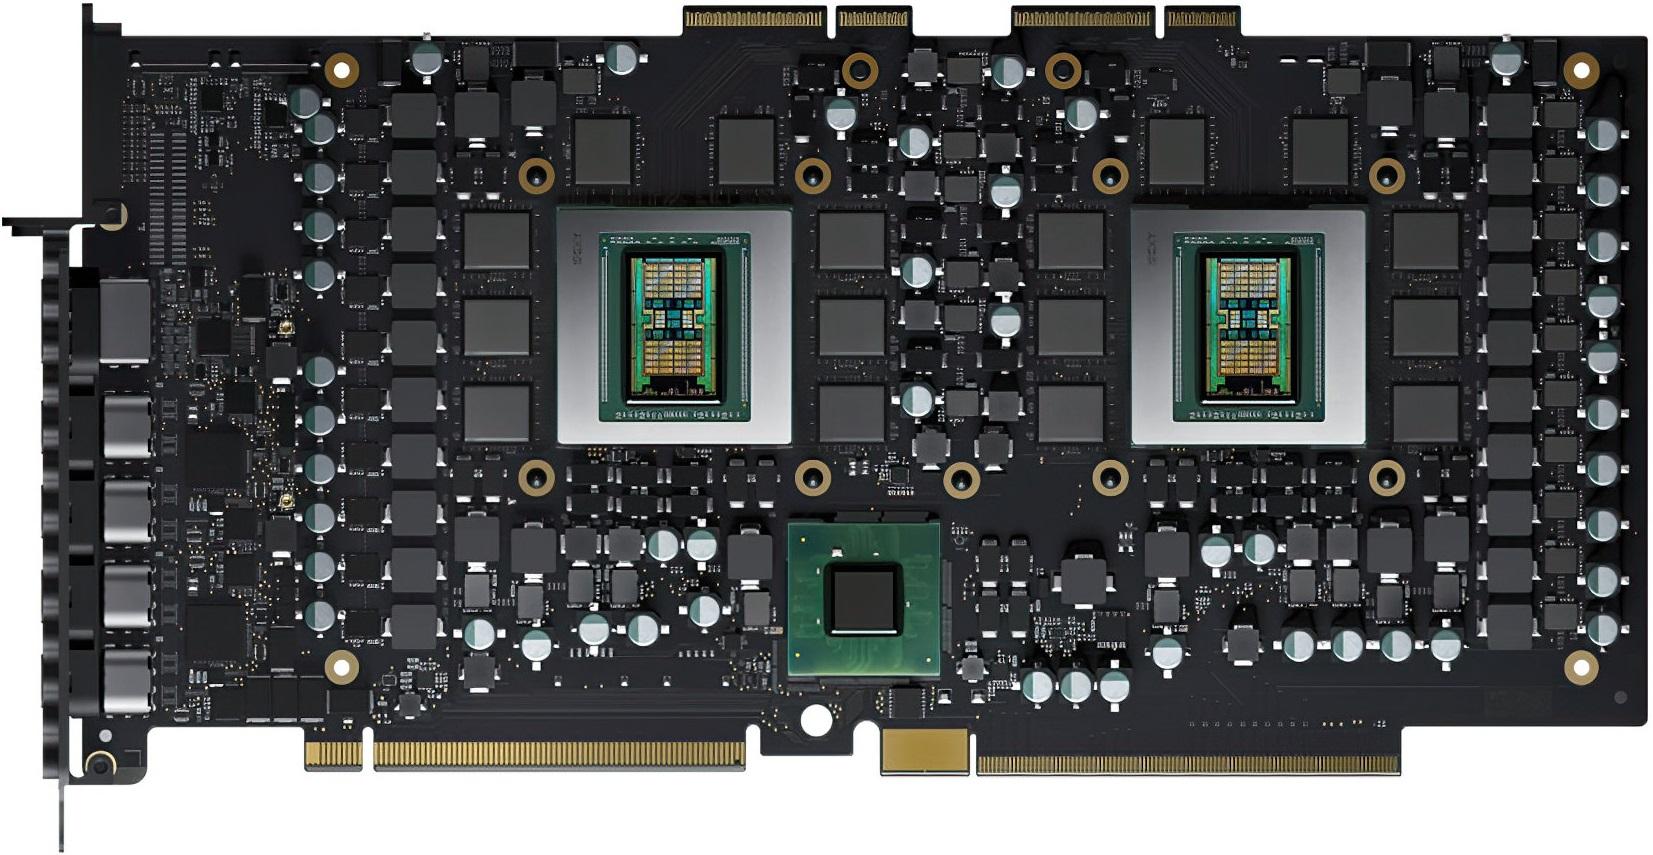 официално представи новата фамилия видеокарти Radeon Pro W6000X, предназначени за